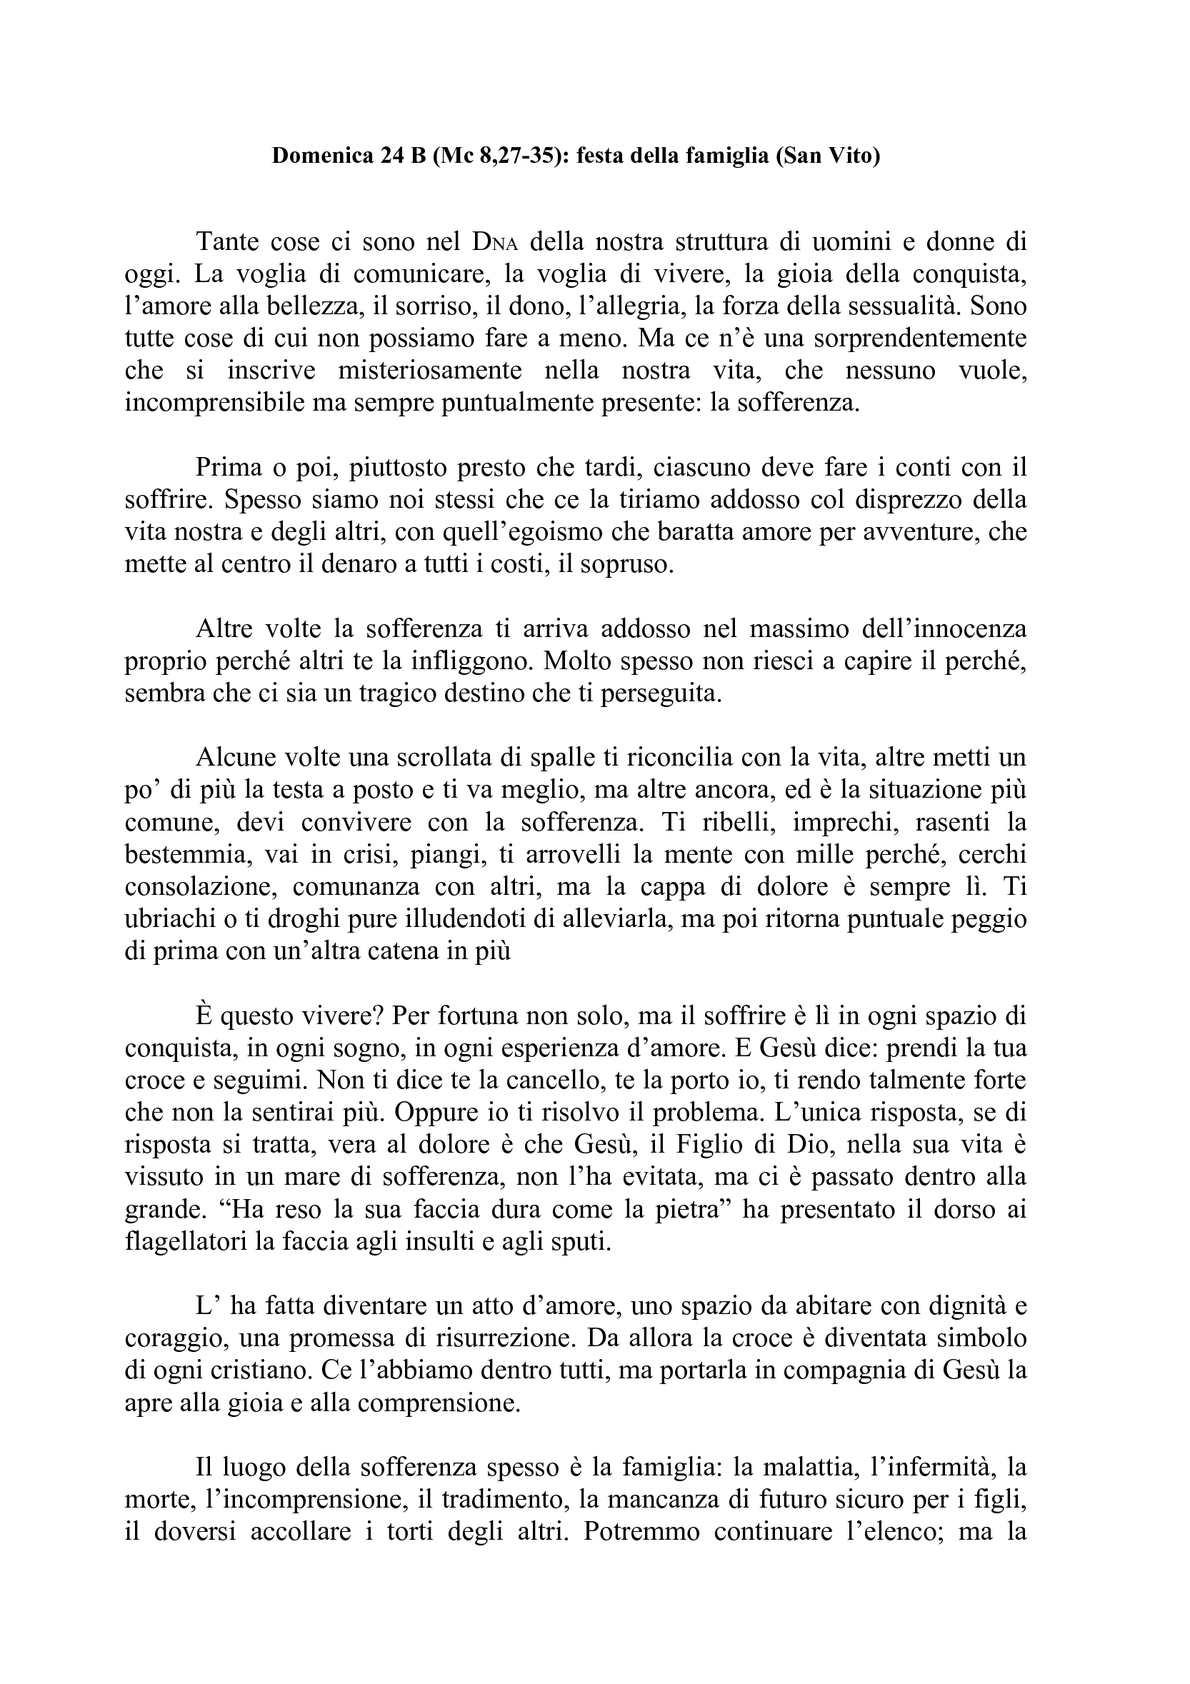 Calaméo Domenica 24 B Festa Della Famiglia San Vito